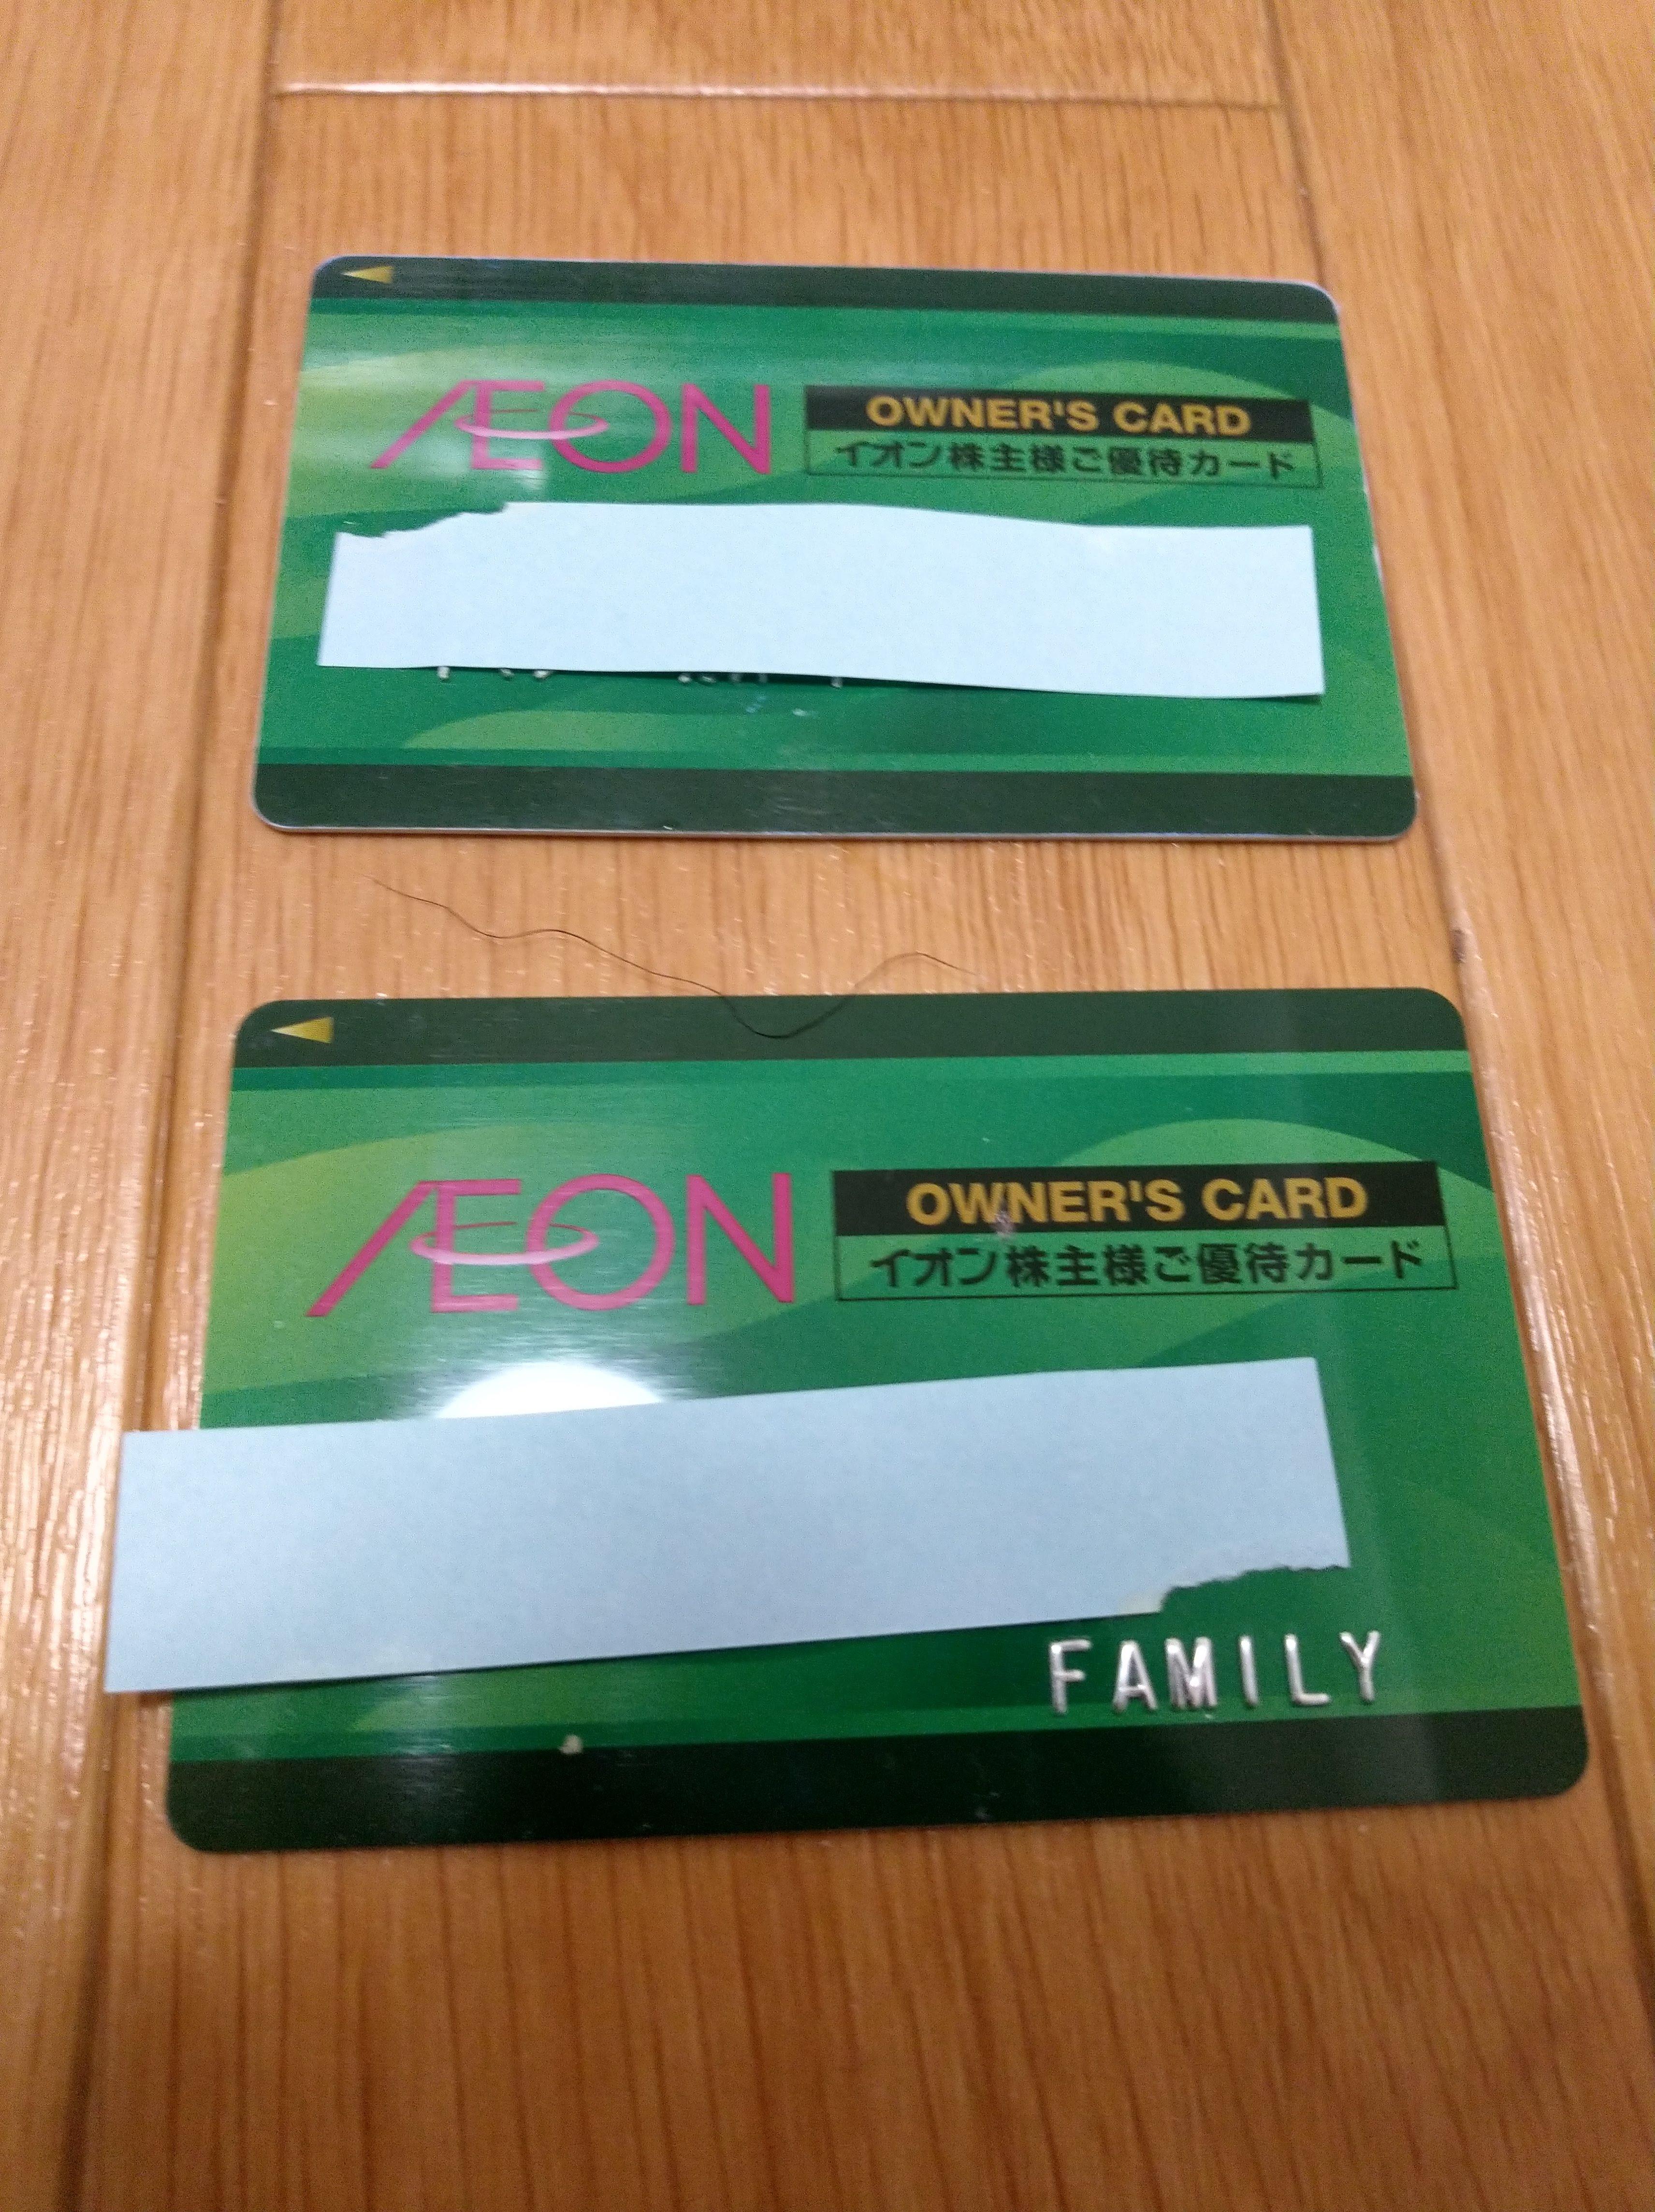 イオンオーナーズカード_本カードと家族カード